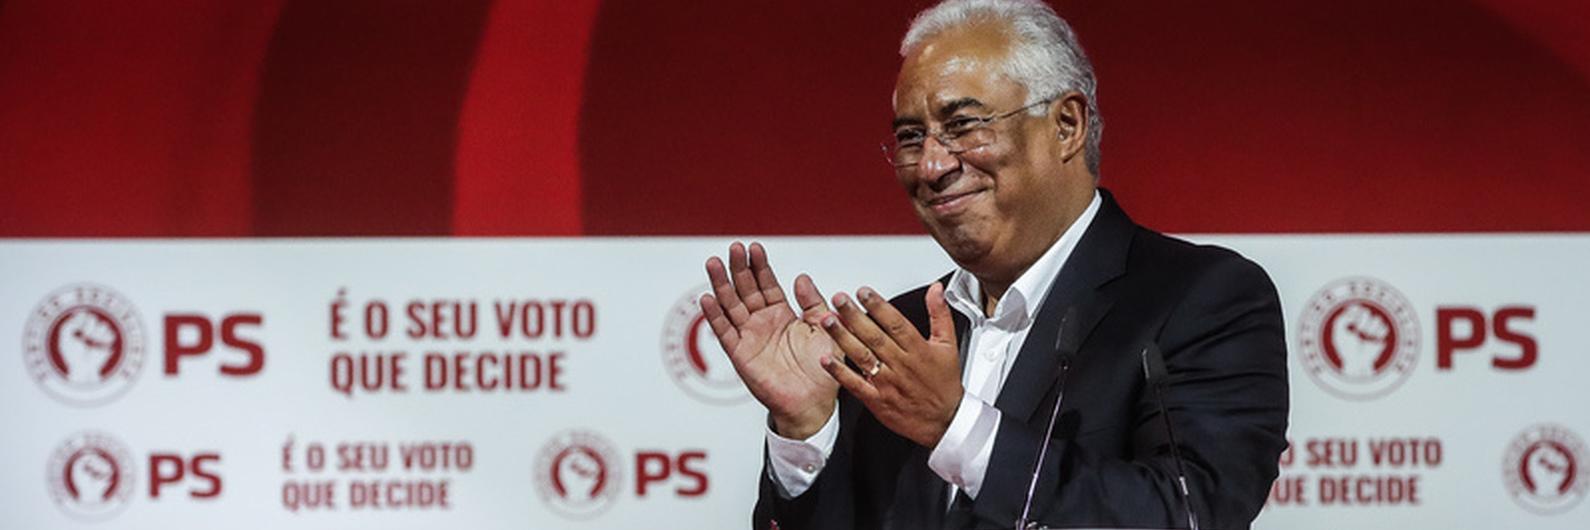 Sondagem: PS lidera intenções de voto, PSD cai e Livre perde quase metade da votação